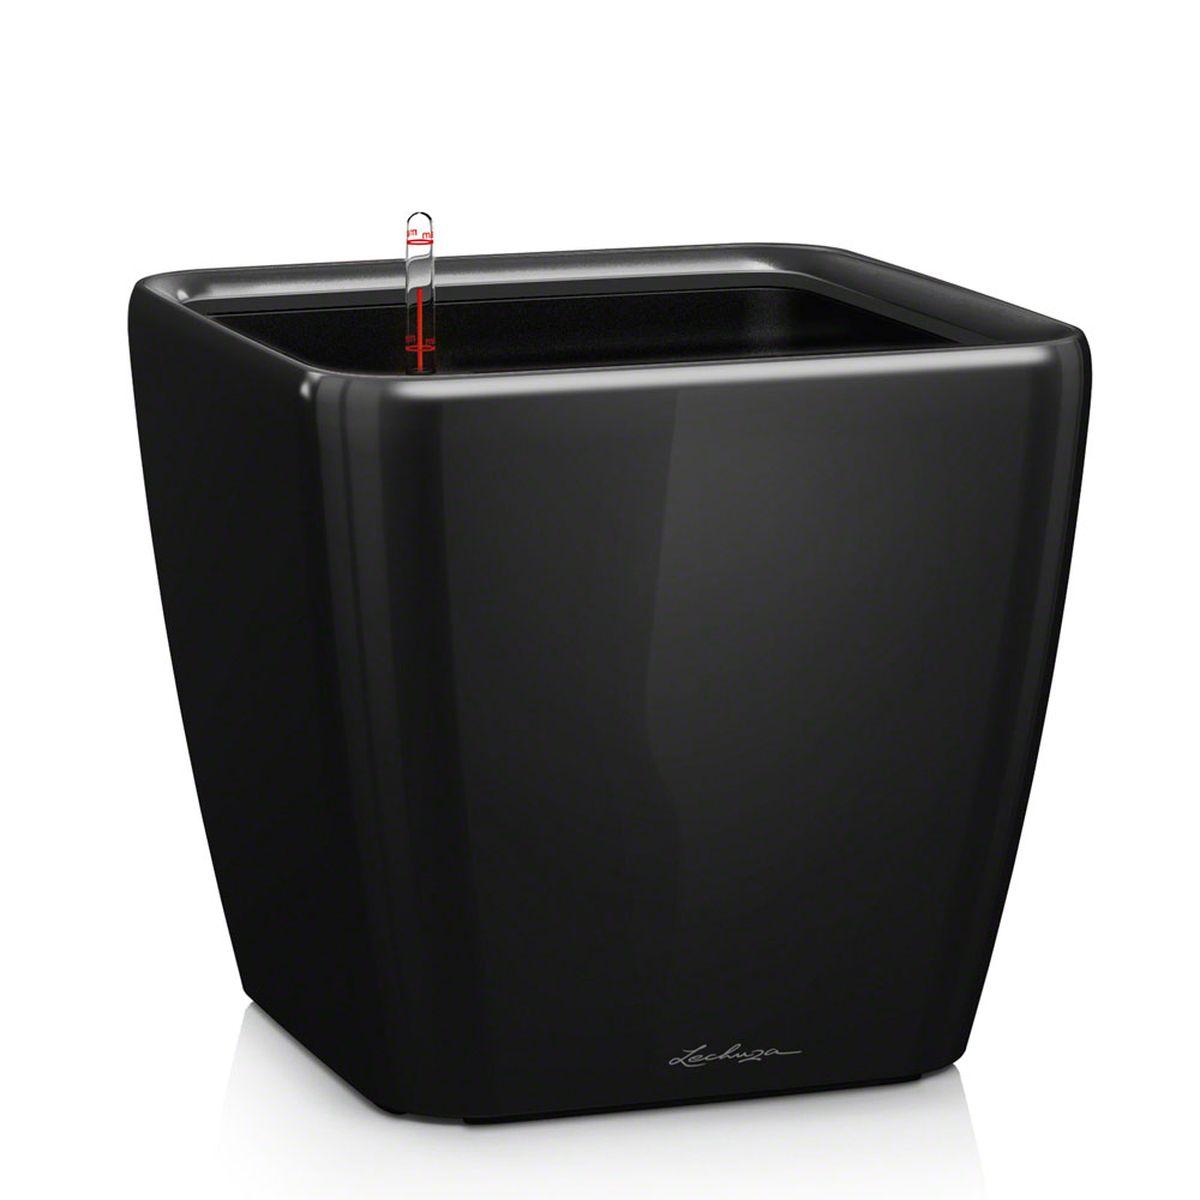 Кашпо Lechuza Quadro, с системой автополива, цвет: черный, 33 х 33 х 35 см16169Кашпо Lechuza Quadro, выполненное из высококачественного пластика, имеет уникальную систему автополива, благодаря которой корневая система растения непрерывно снабжается влагой из резервуара. Уровень воды в резервуаре контролируется с помощью специального индикатора. В зависимости от размера кашпо и растения воды хватает на 2-12 недель. Это способствует хорошему росту цветов и предотвращает переувлажнение.В набор входит: кашпо, внутренний горшок, индикатор уровня воды, вал подачи воды, субстрат растений в качестве дренажного слоя, резервуар для воды.Кашпо Lechuza Quadro прекрасно впишется в любой интерьер. Оно поможет расставить нужные акценты и придаст помещению вид, соответствующий вашим представлениям.